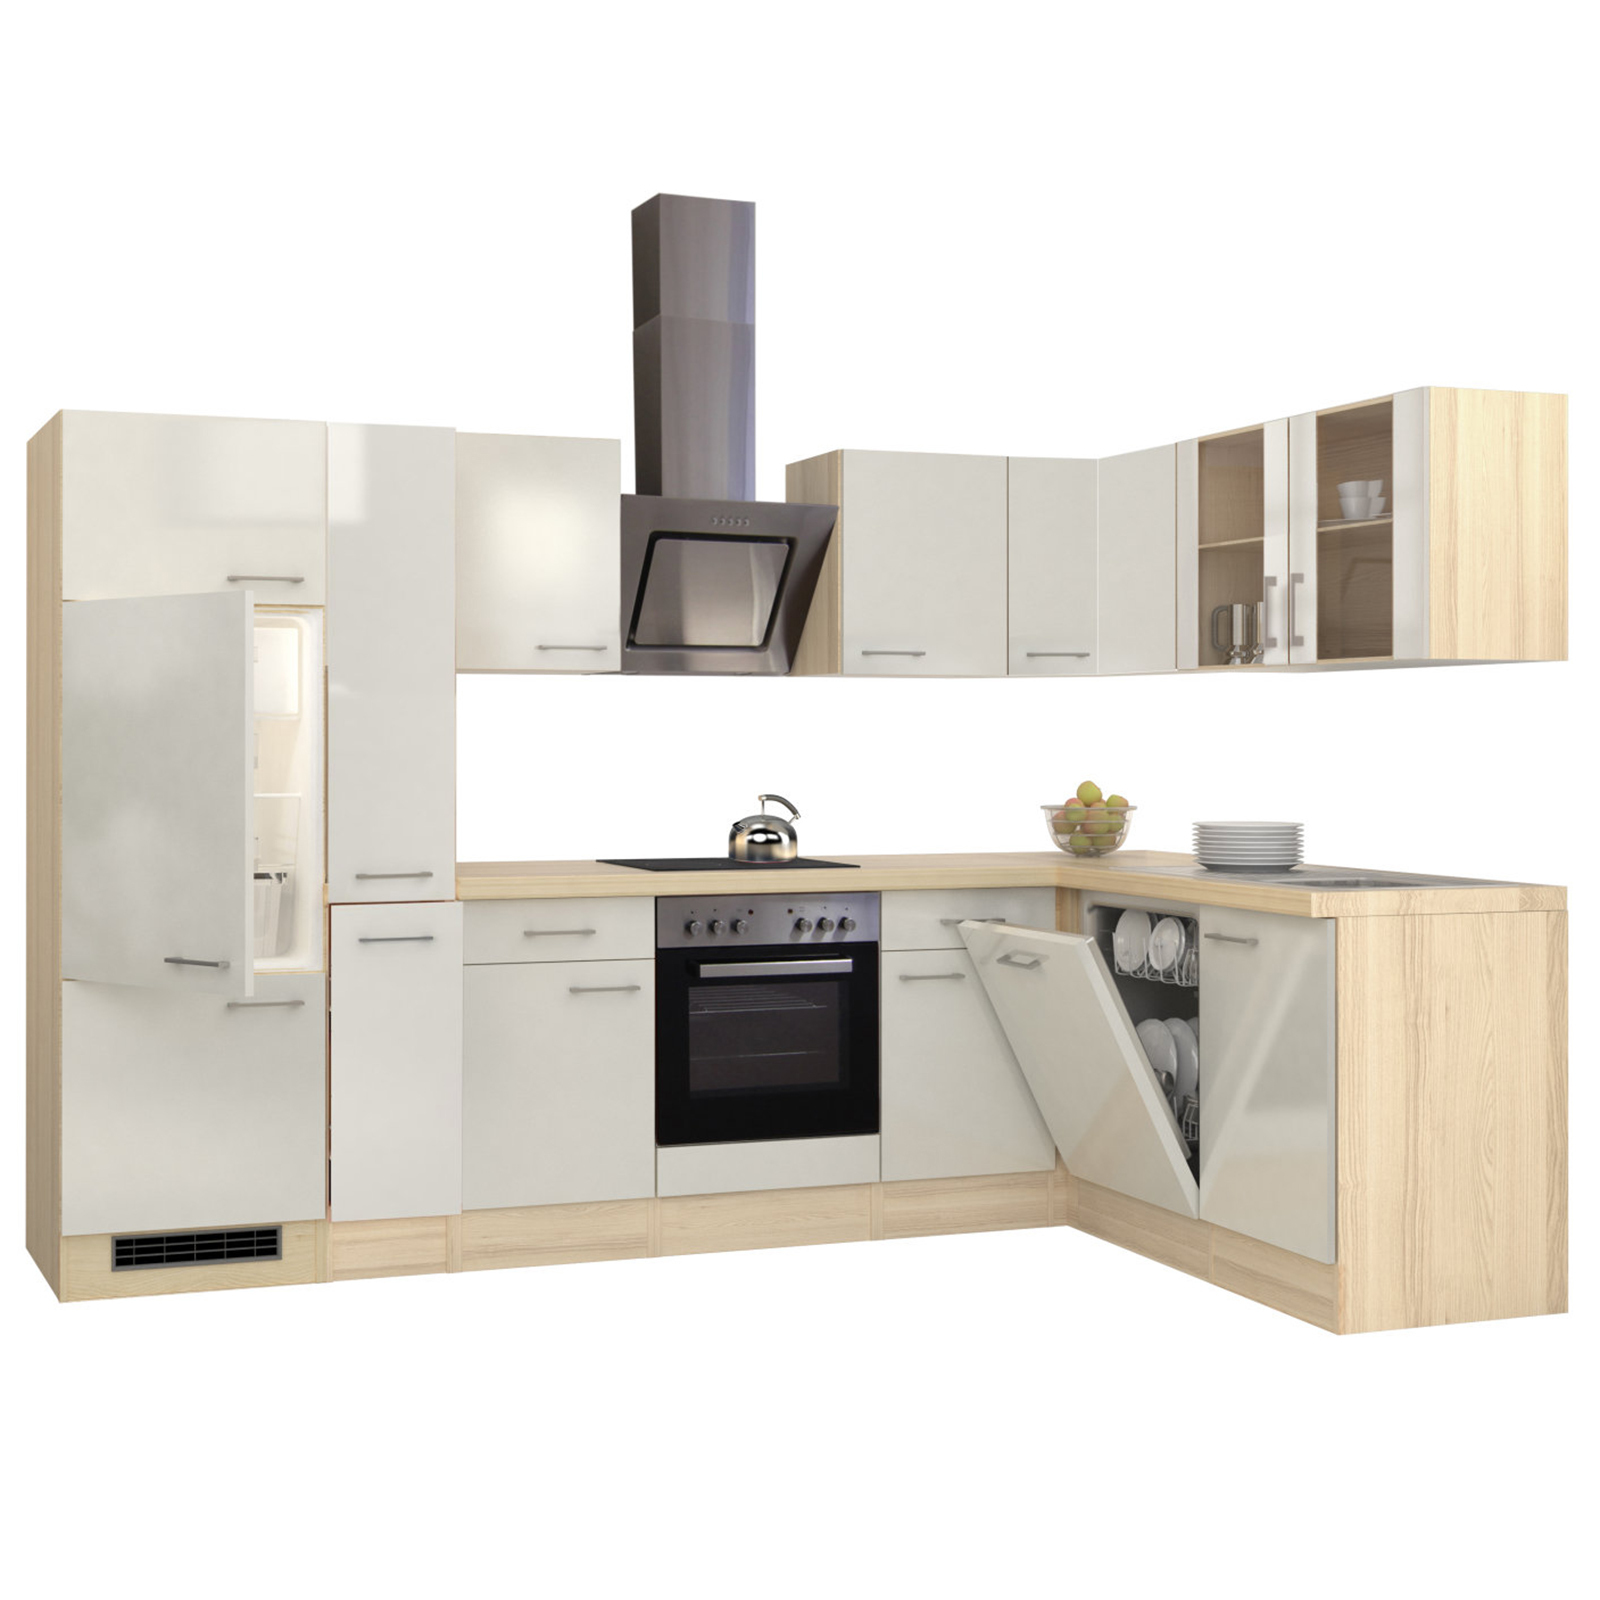 Full Size of Roller Küchen Winkelkche Abaco Perlmutt Akazie Mit E Gerten 310x170 Cm Regale Regal Wohnzimmer Roller Küchen